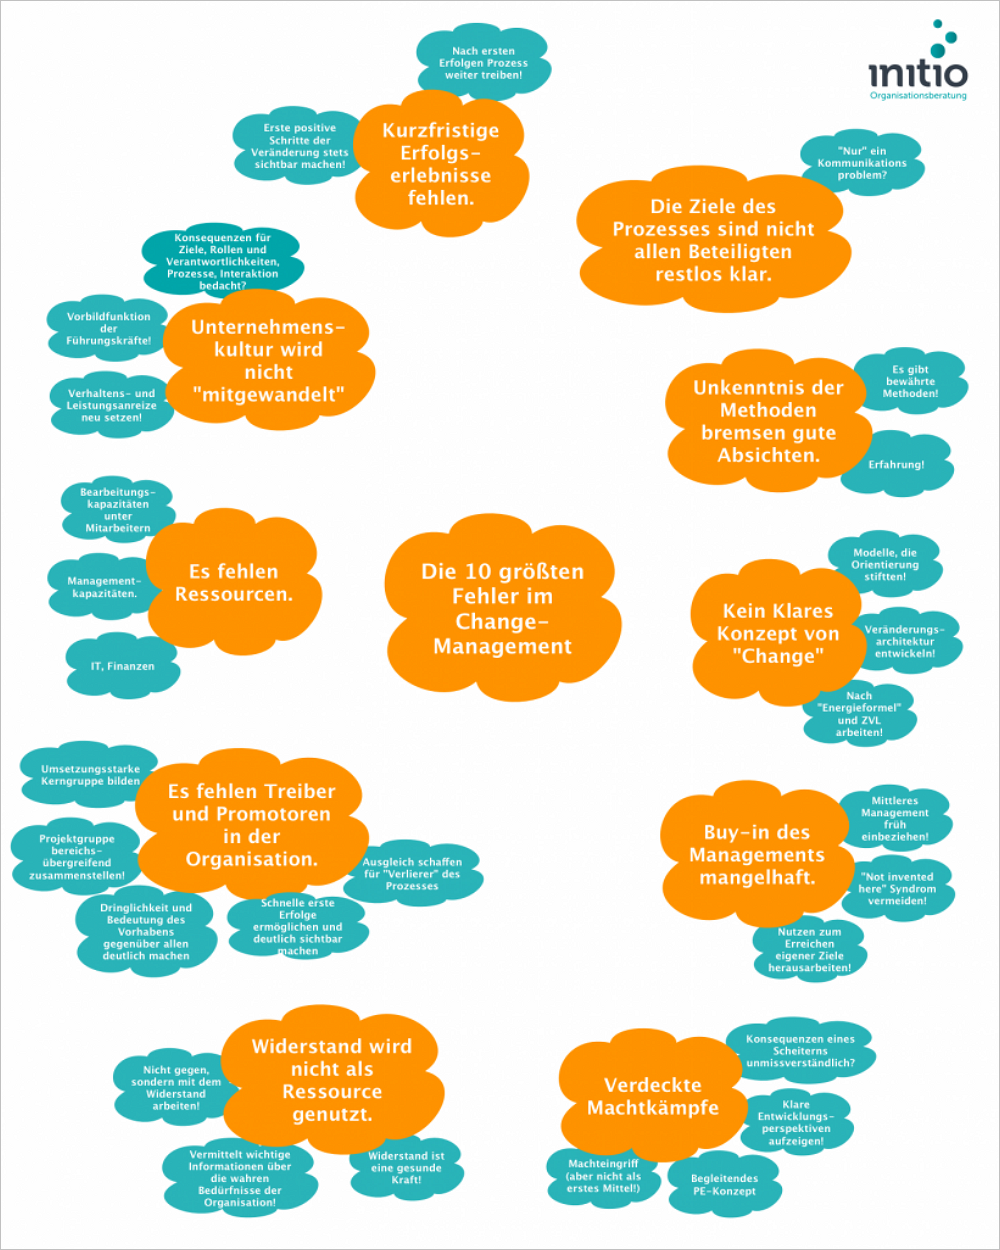 Change Management: die 10 Hauptfehler der Führungskräfte. Bild: initio